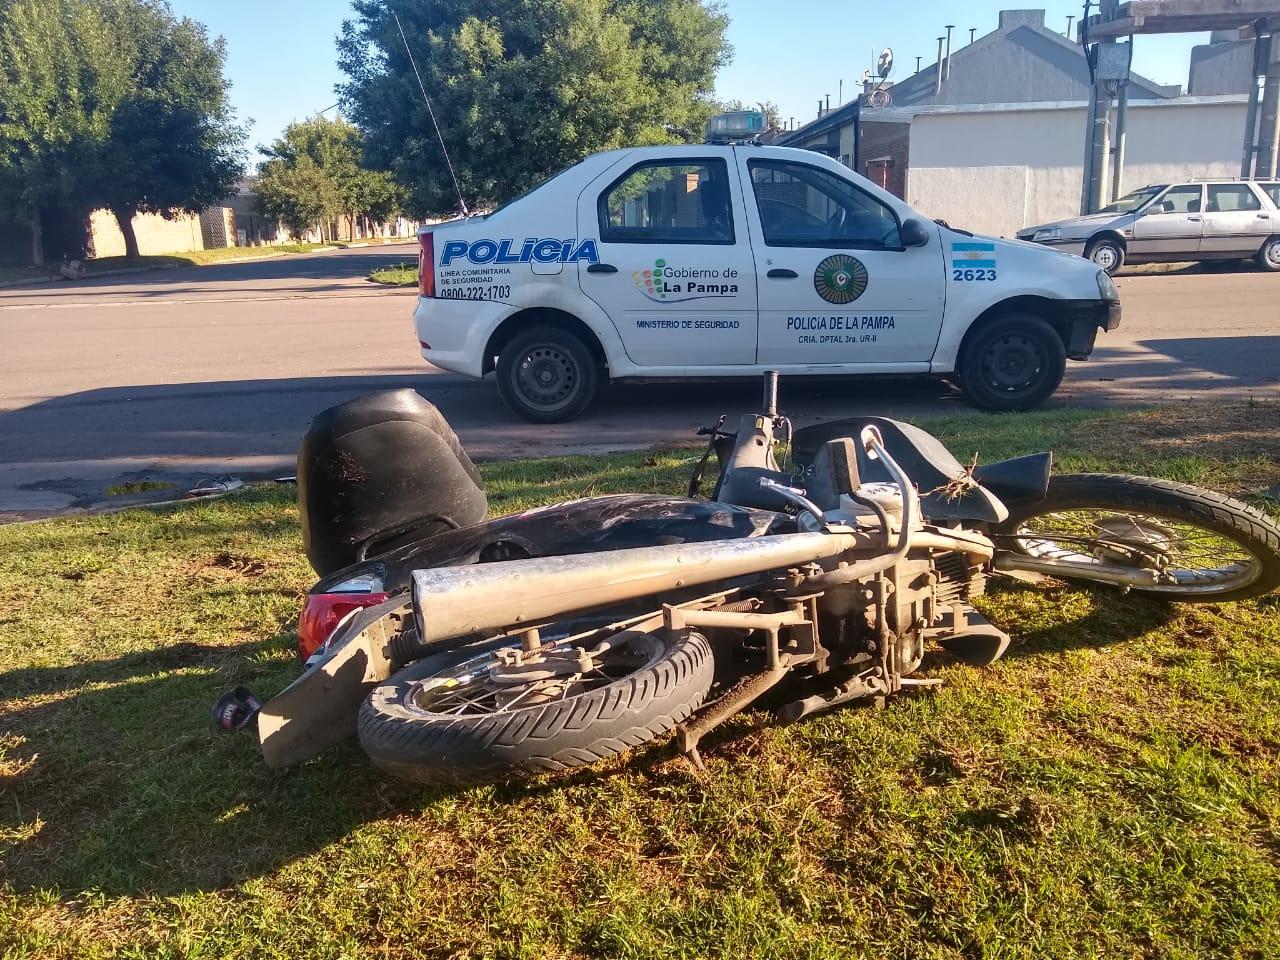 Accidente de tránsito en calles 407 y 432: un móvil policial colisionó con una moto